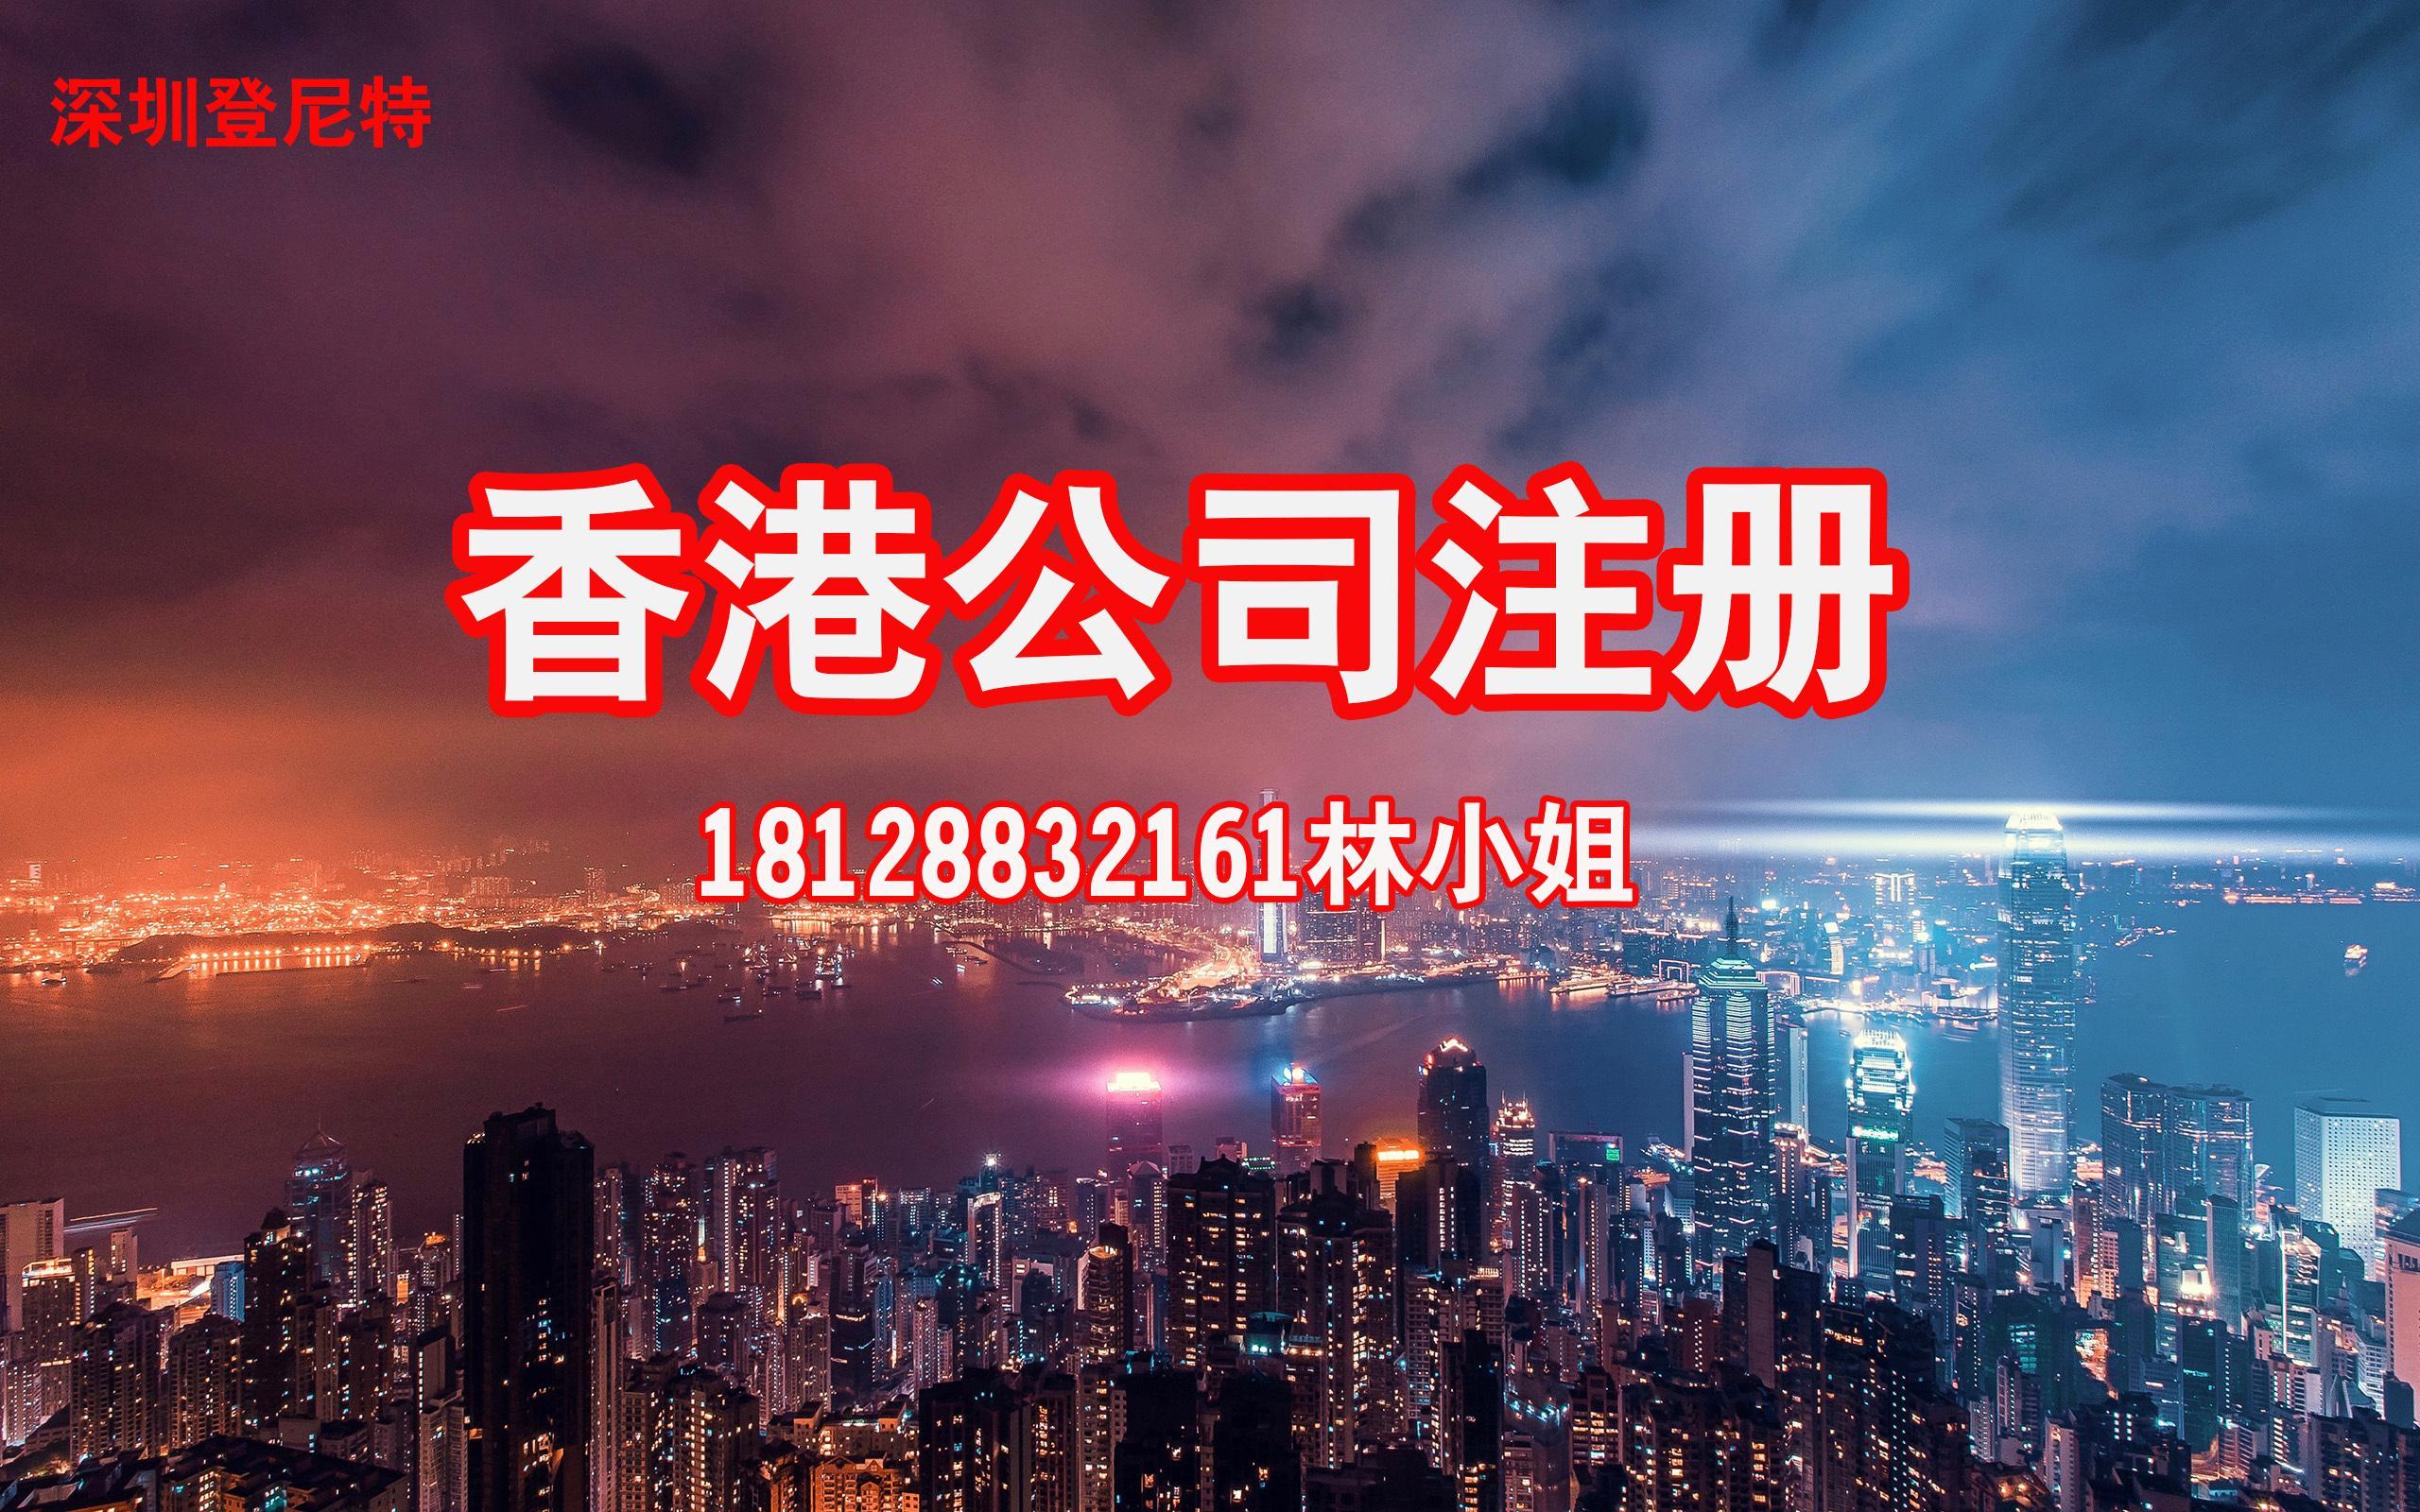 香港公司注册流程及注意事项